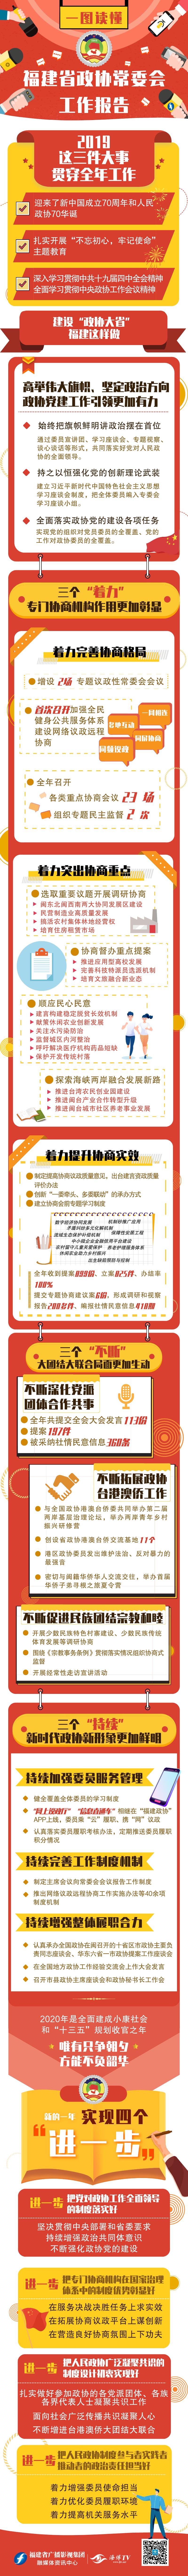 一图读懂|福建省政协常委会工作报告